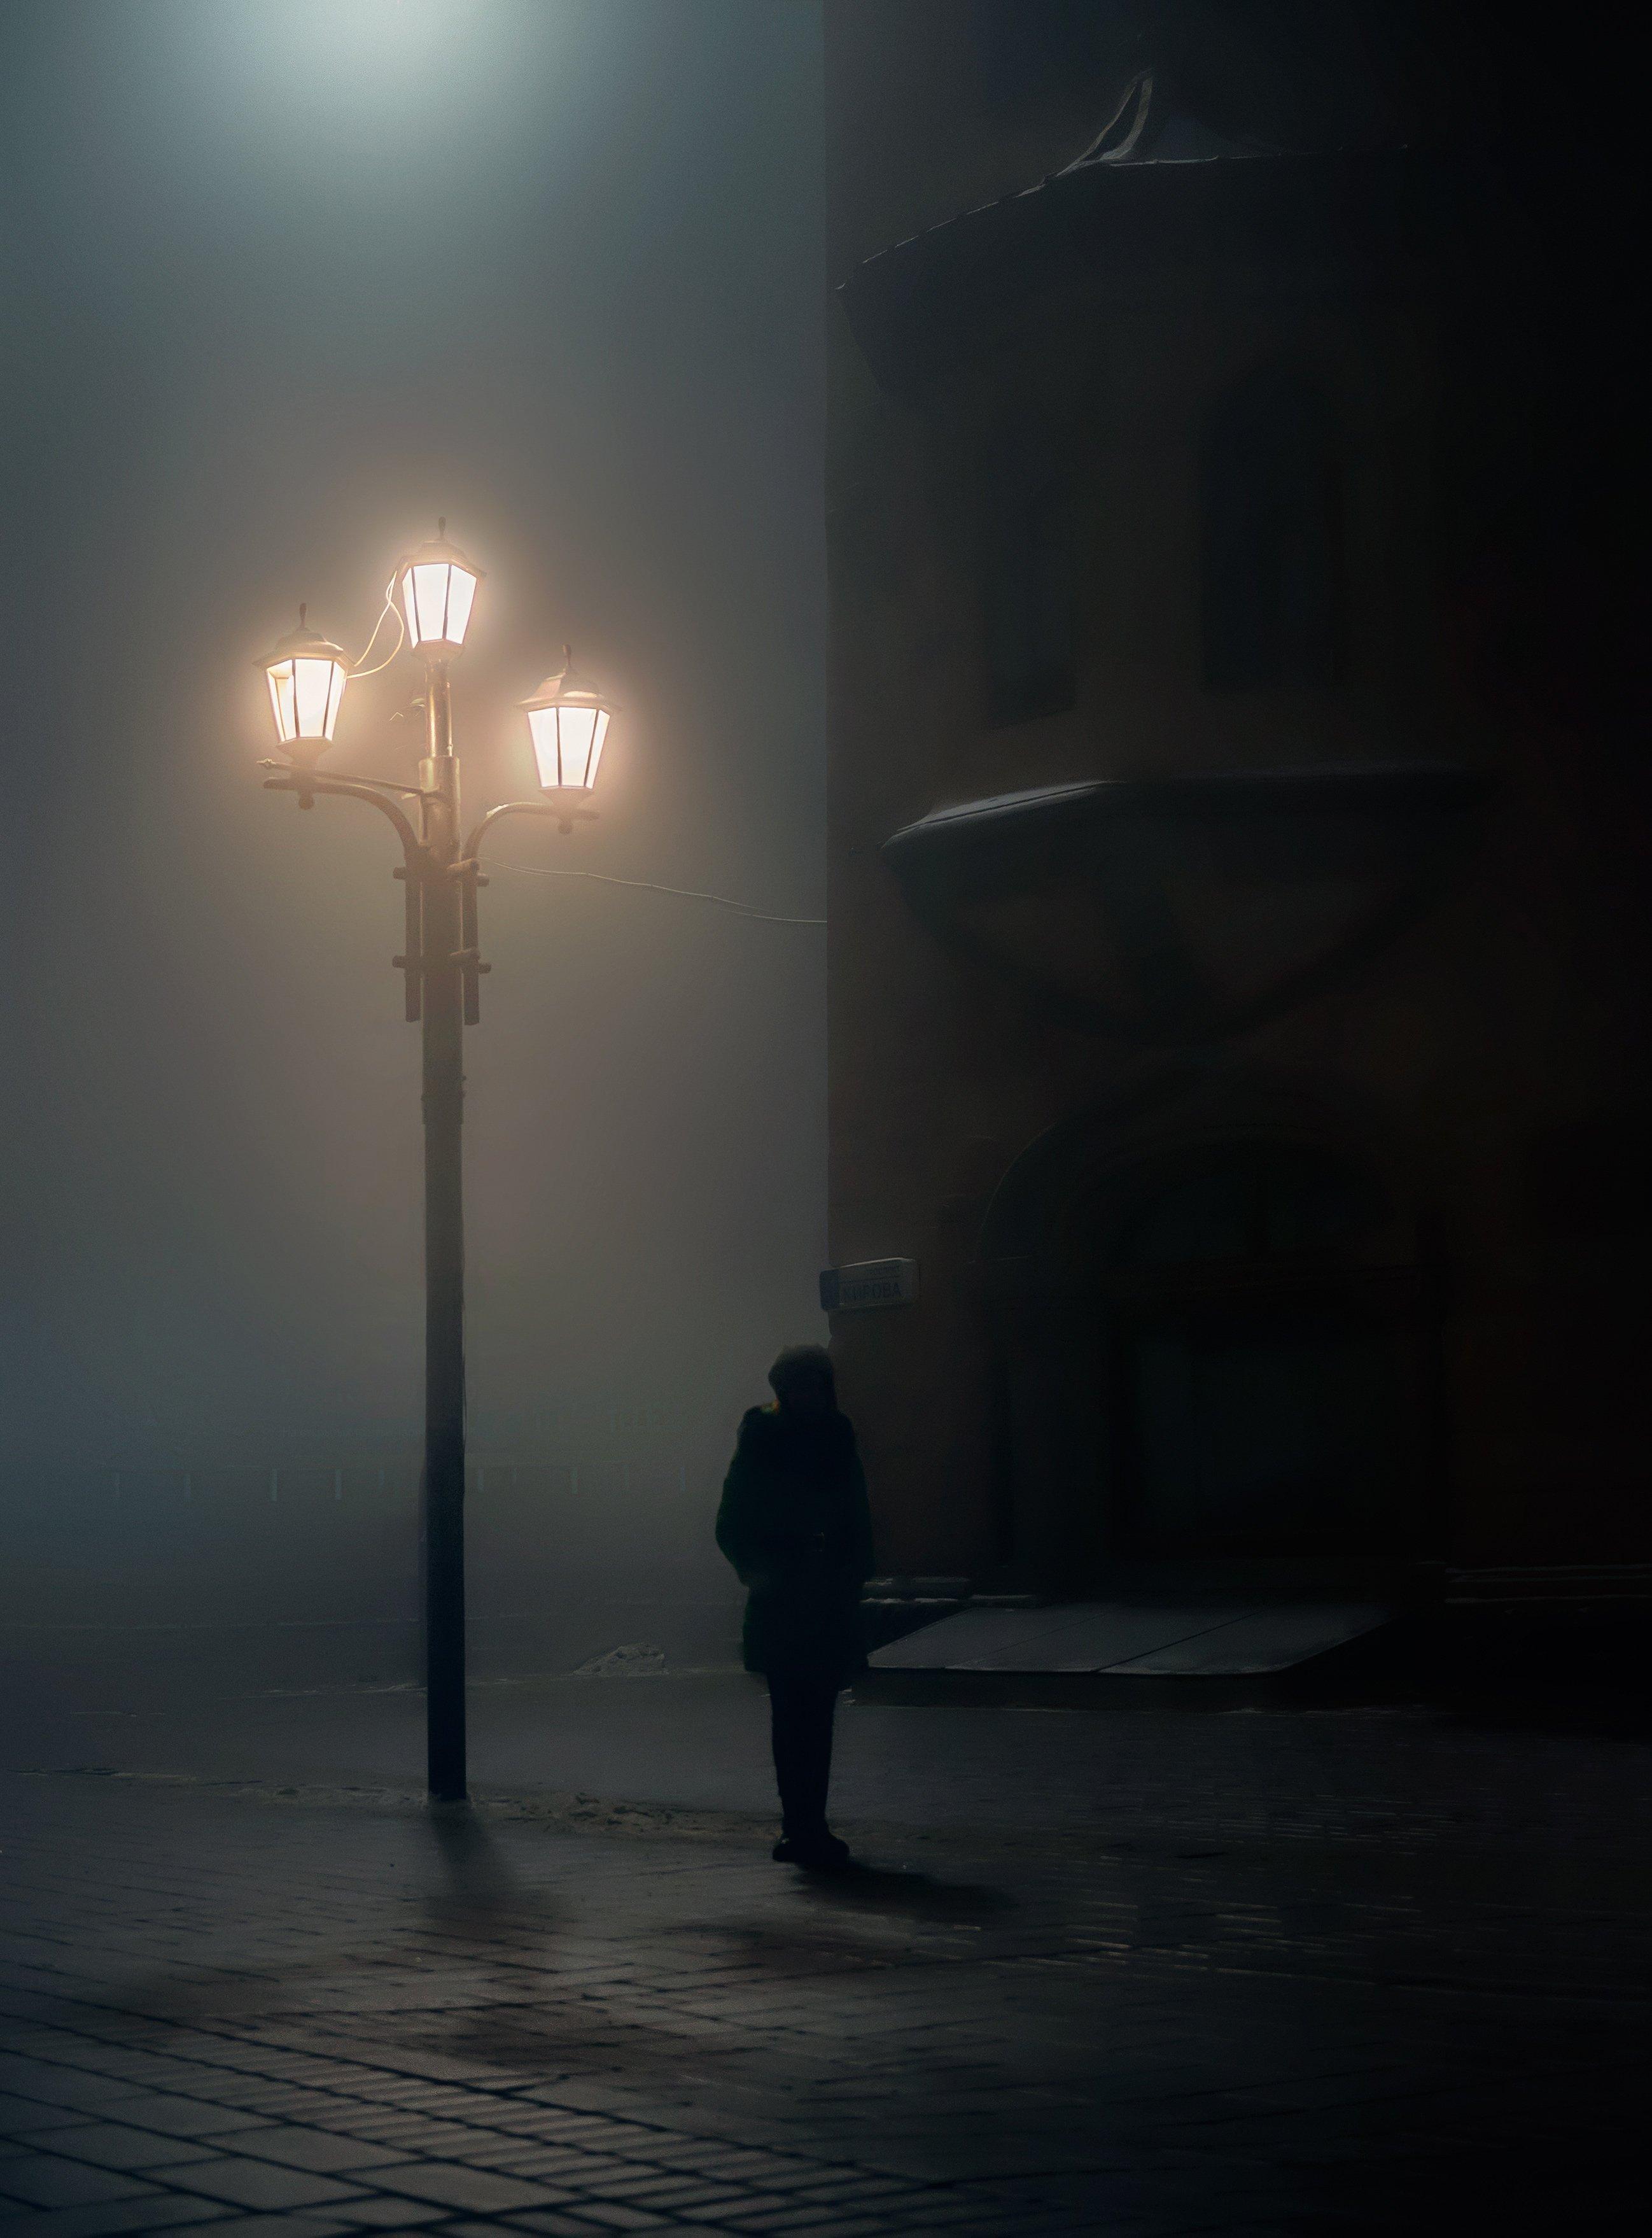 город, стрит, ночь, туман, саратов, фонарь, Алексей Ермаков